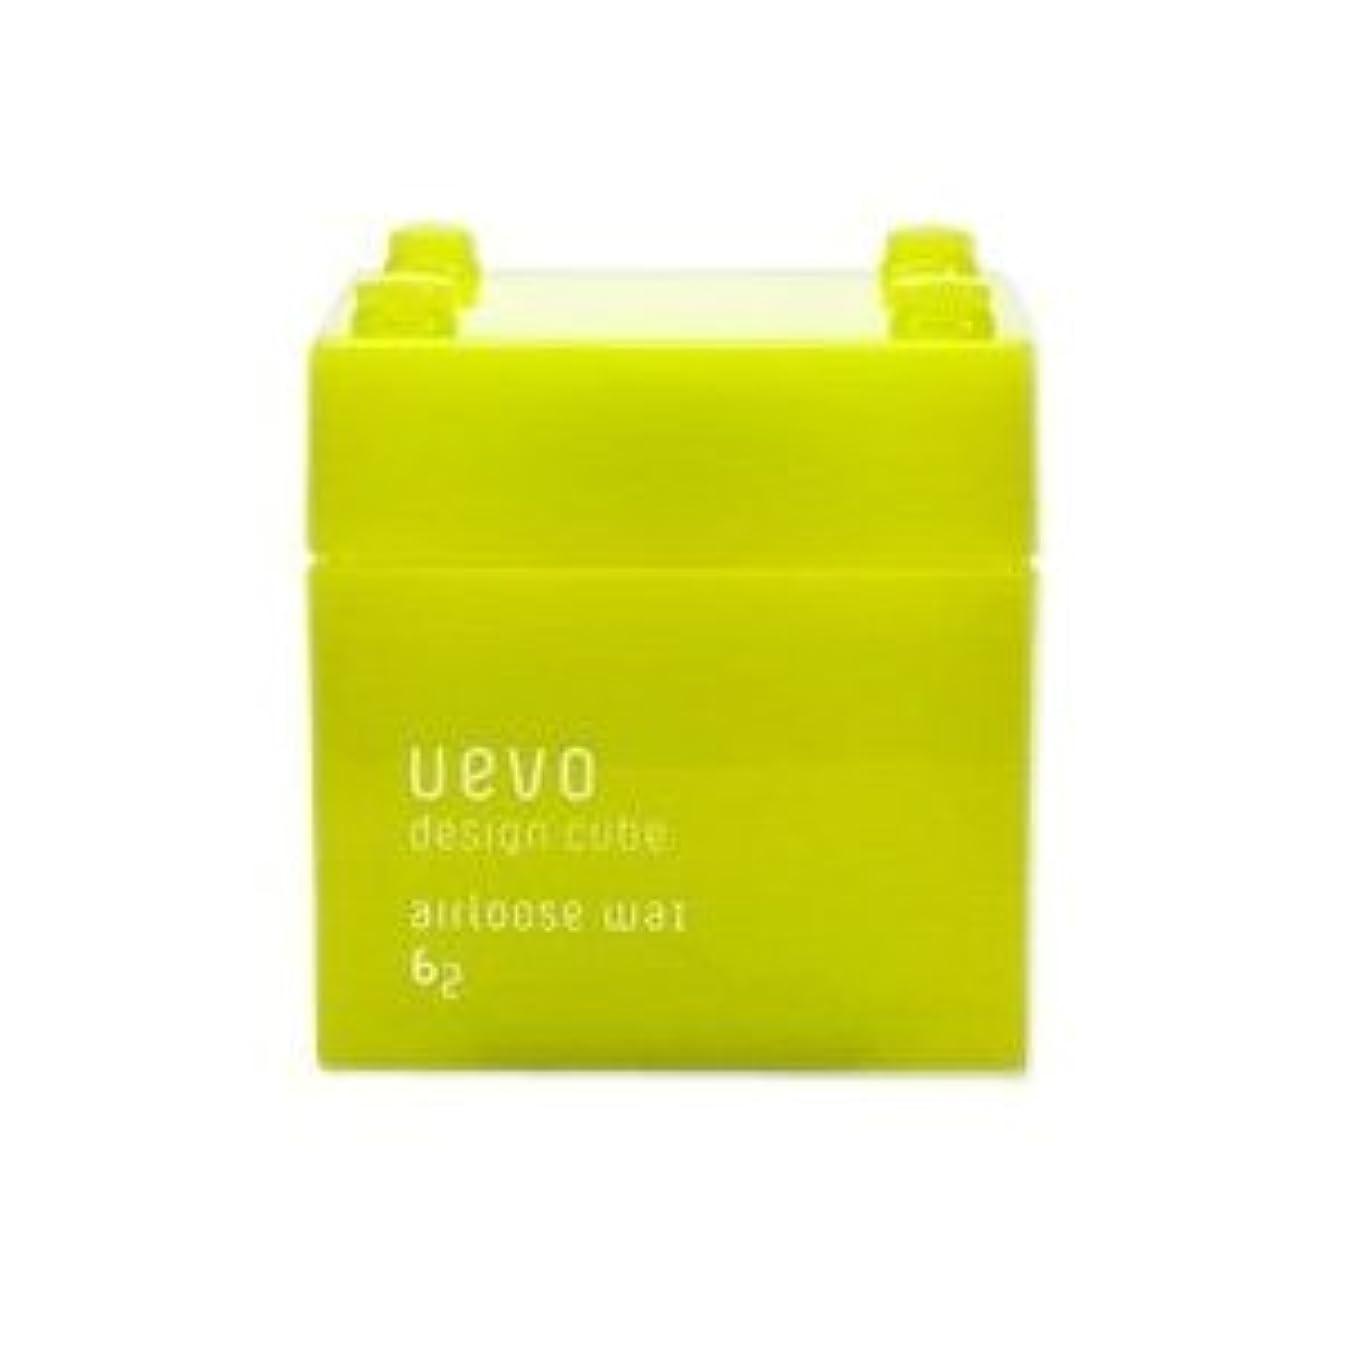 人ポット仕える【X2個セット】 デミ ウェーボ デザインキューブ エアルーズワックス 80g airloose wax DEMI uevo design cube